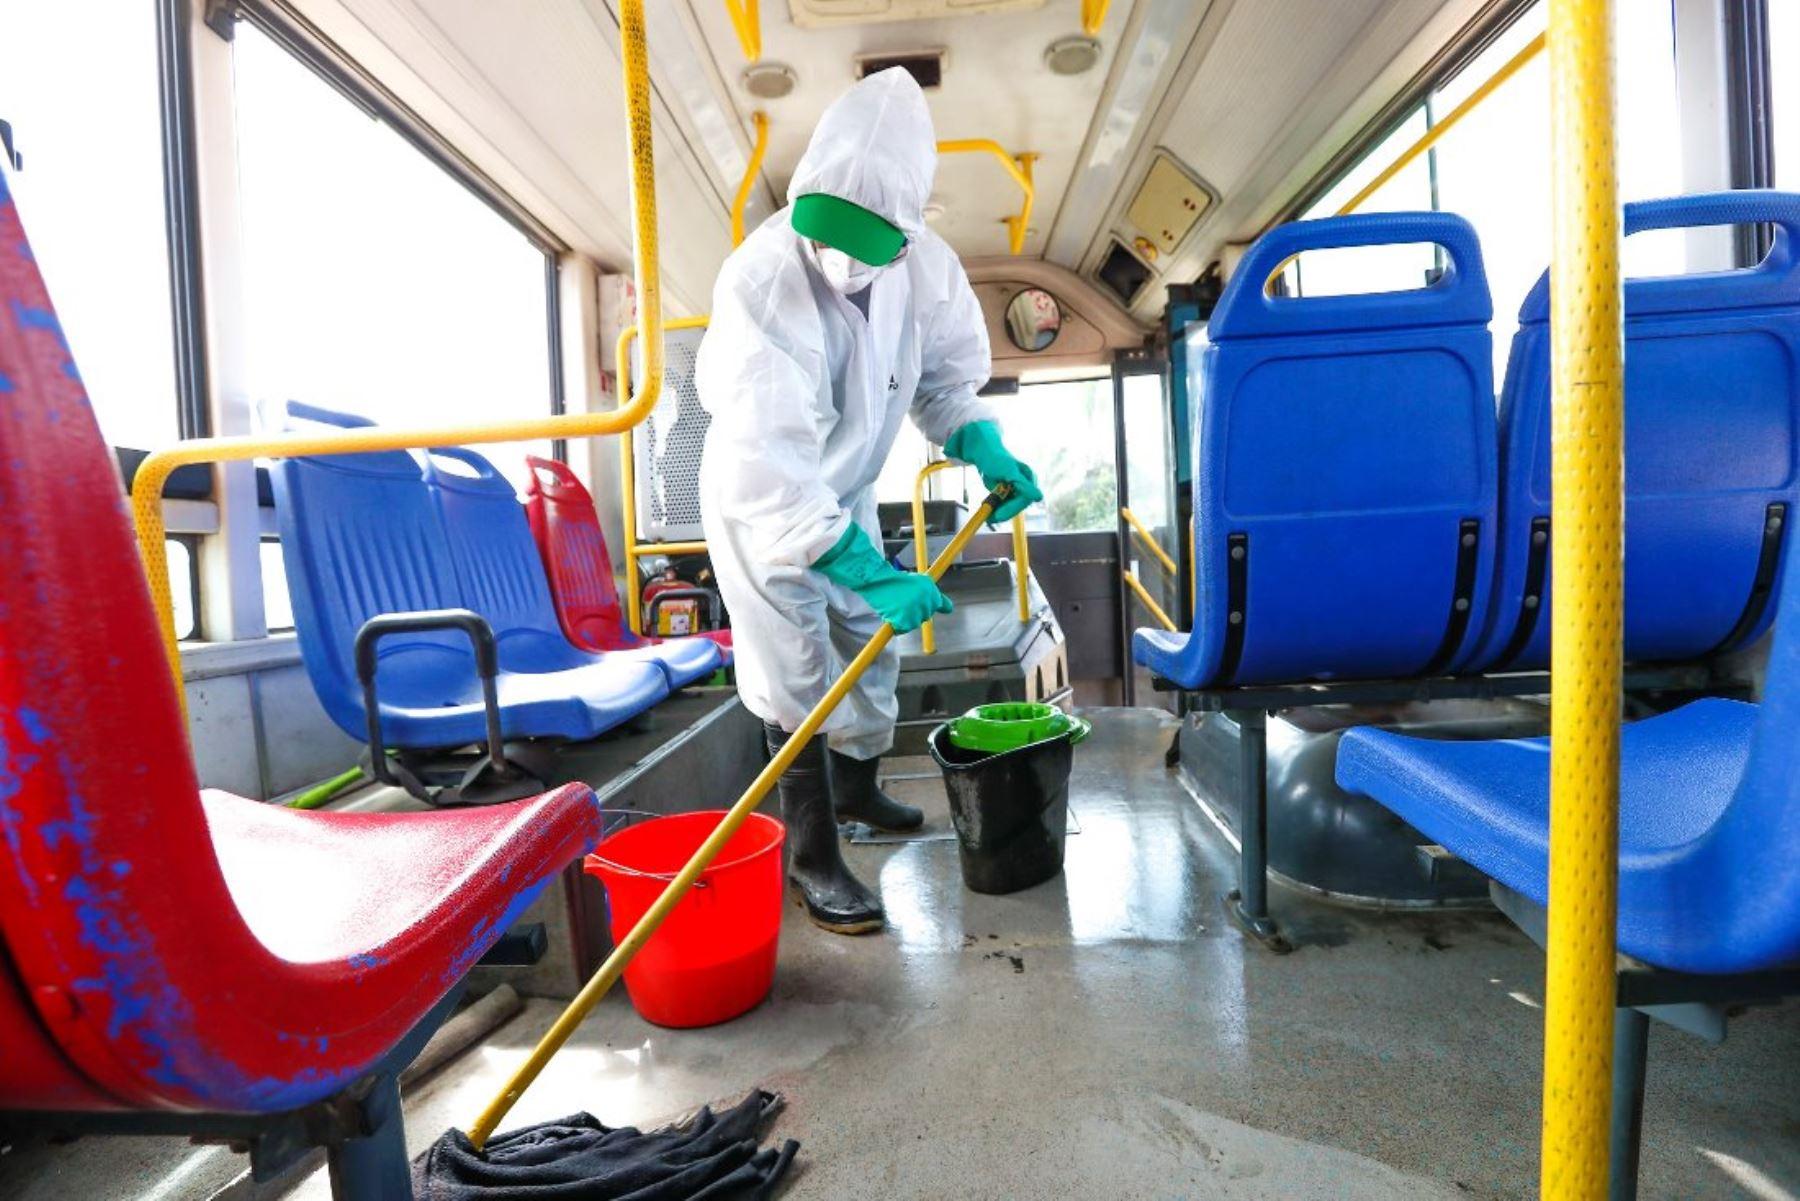 ATU garantiza limpieza y desinfección de las unidades de transporte urbano. Foto: ANDINA/Difusión.